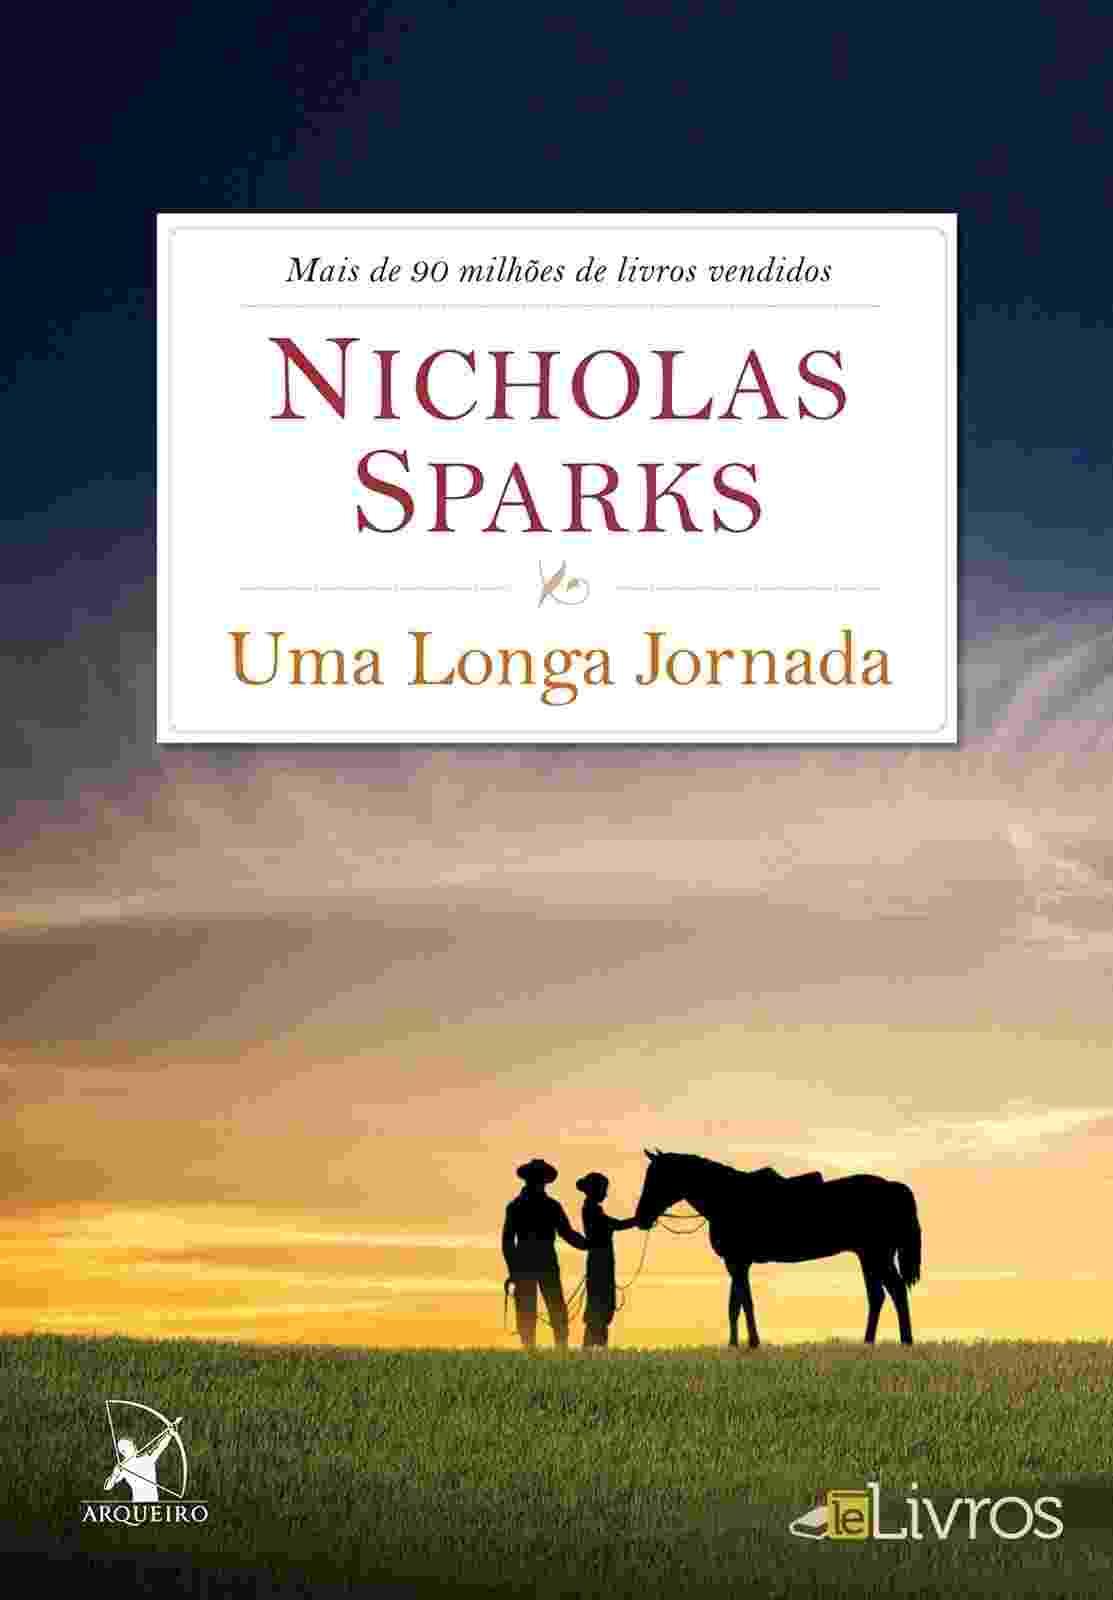 """Capa do livro """"Uma Longa Jornada"""", de Nicholas Sparks - Divulgação"""